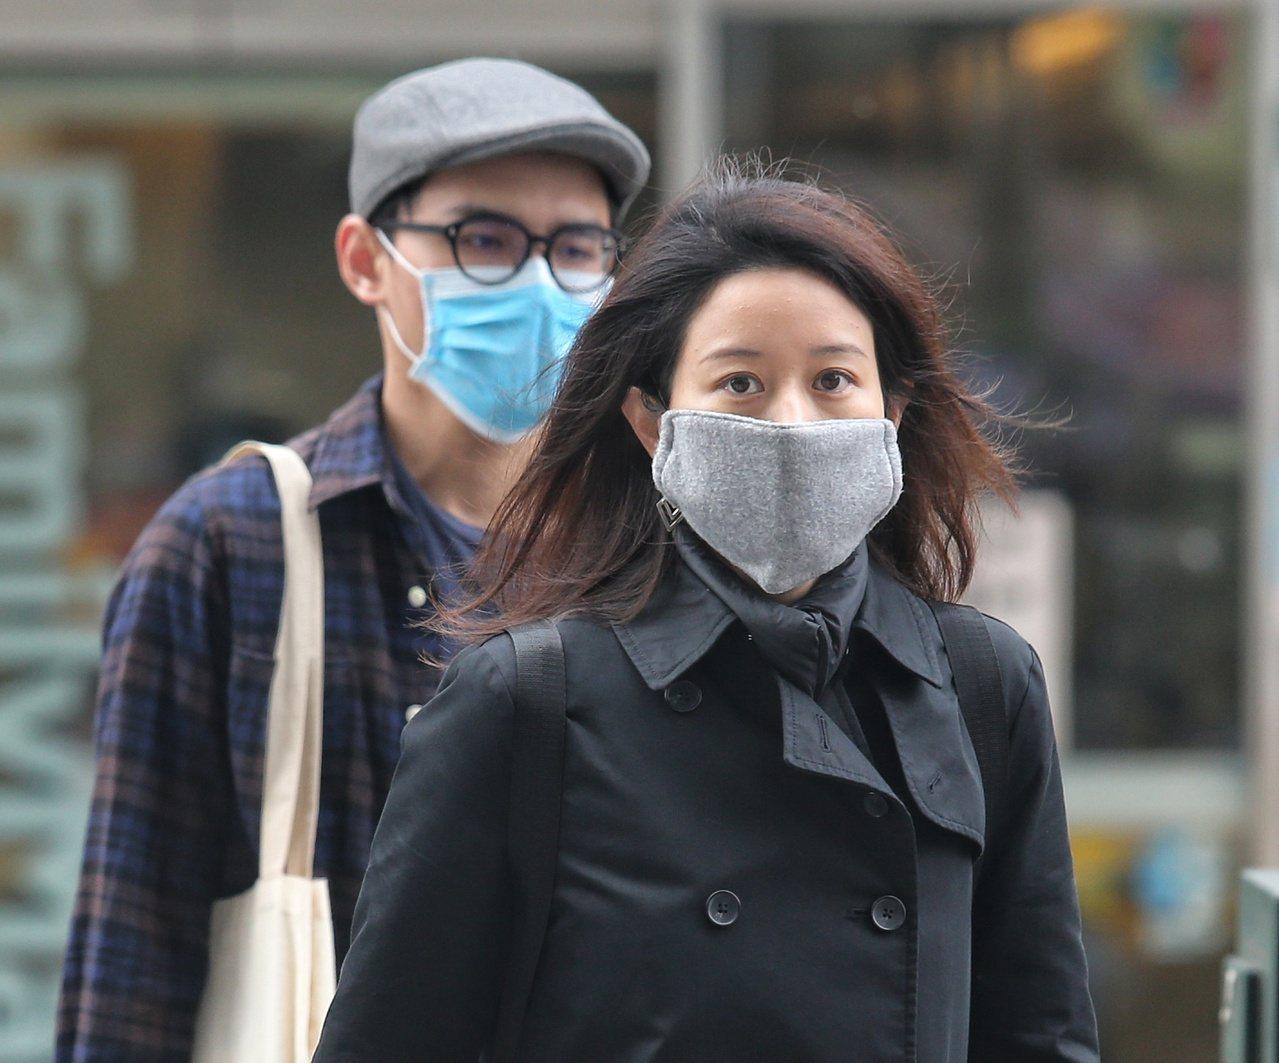 許多民眾平時把口罩戴得緊緊,但醫師警告,有太多民眾「省過頭」,喜歡一只口罩戴一天...